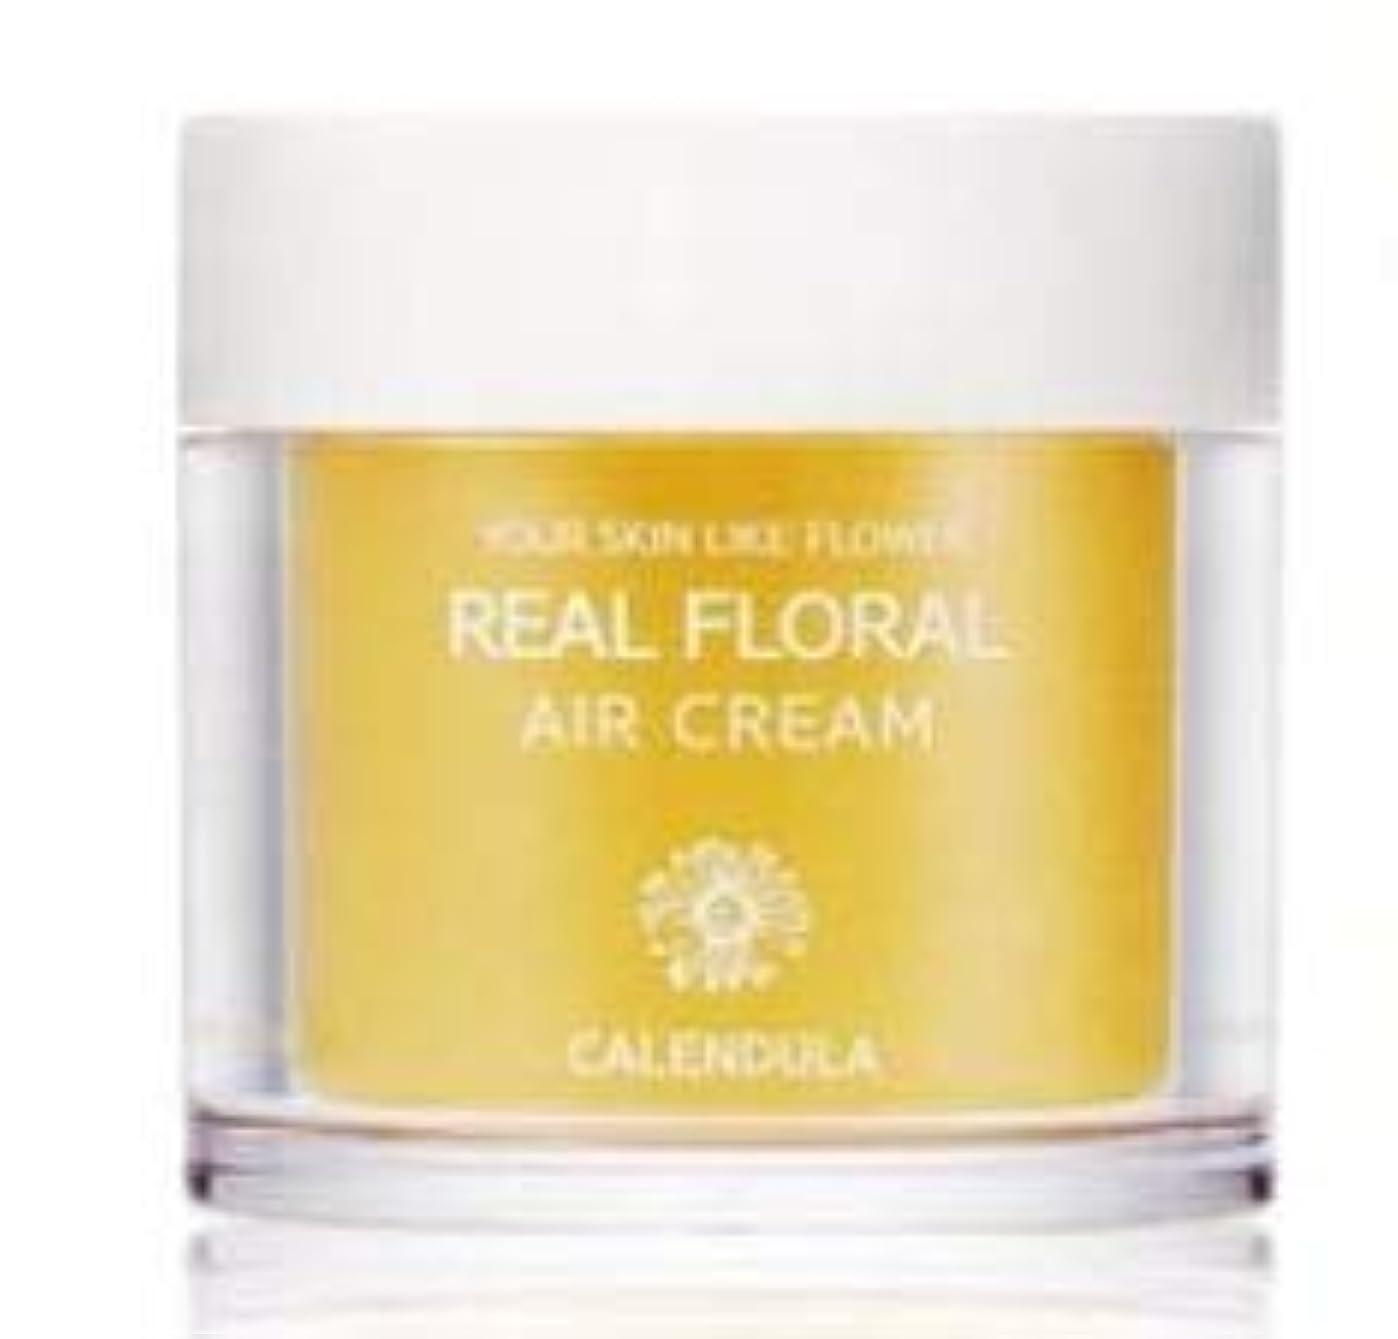 食物ひいきにするすすり泣きNATURAL PACIFIC Real Floral Air Cream 100ml (Calendula) /ナチュラルパシフィック リアル カレンデュラ エア クリーム 100ml [並行輸入品]